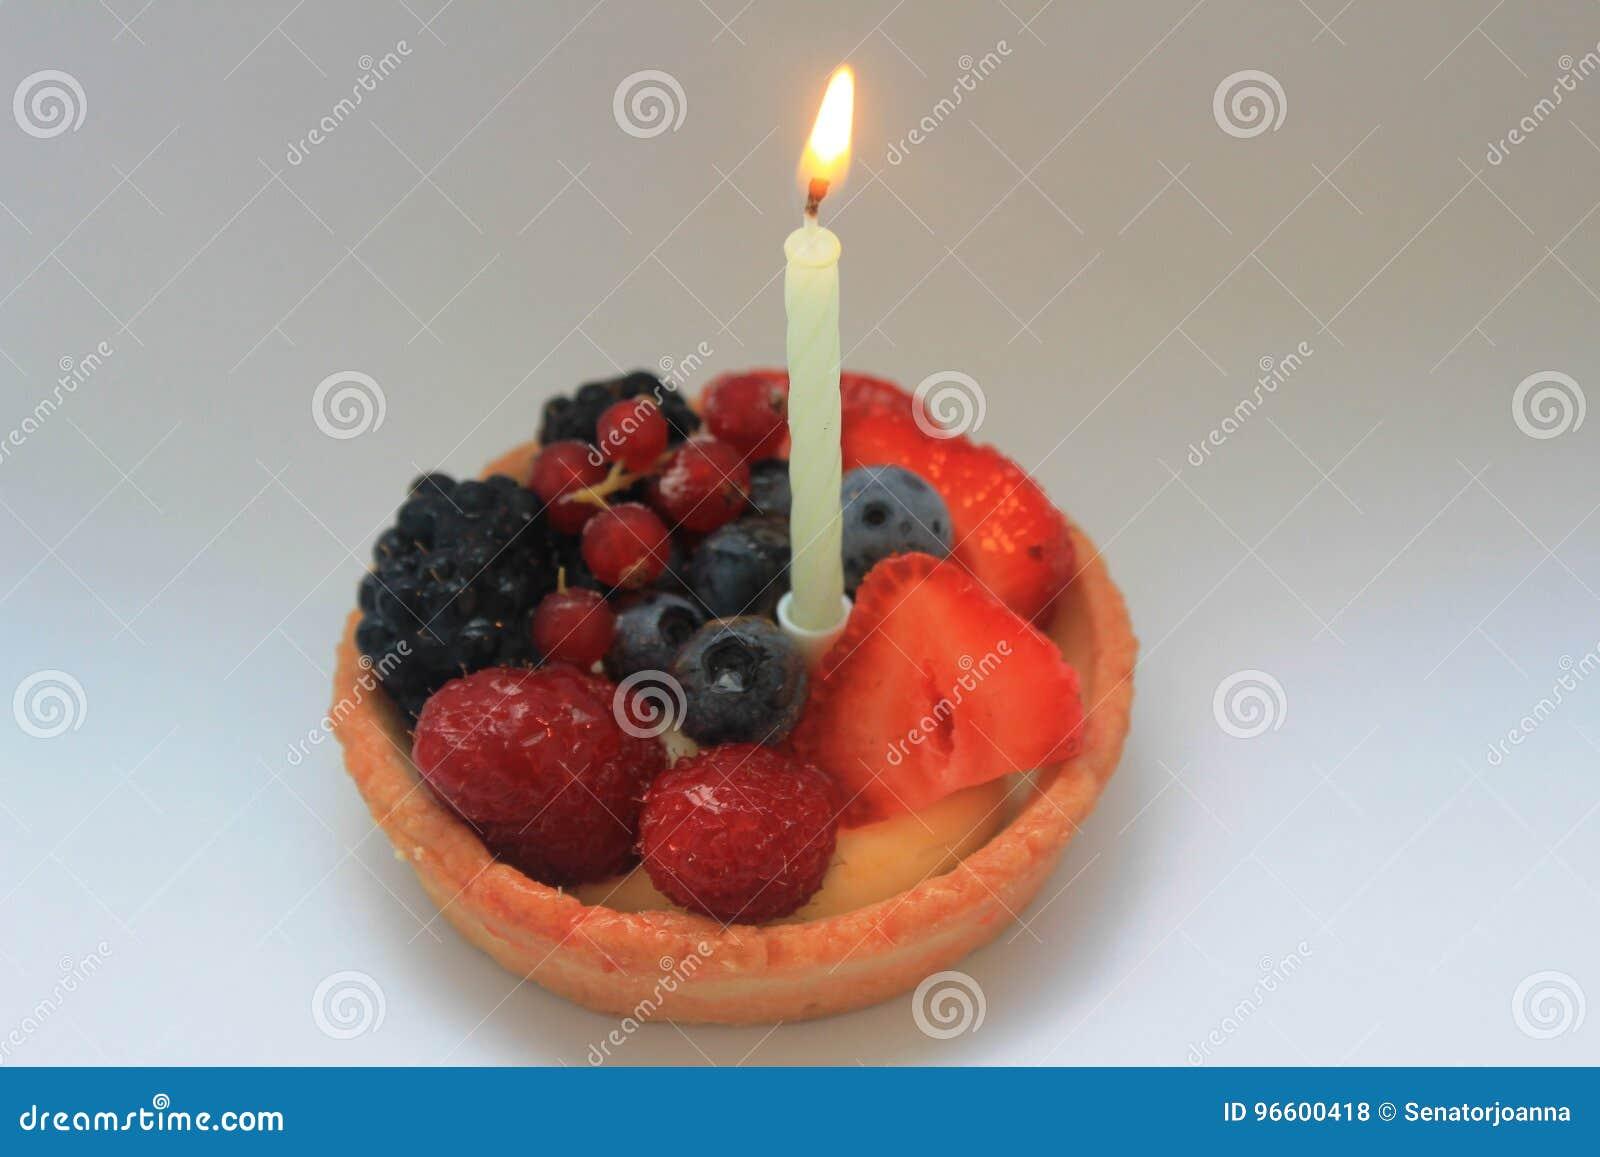 Glucklicher Erster Geburtstag Kuchen Stockfoto Bild Von Gebacken